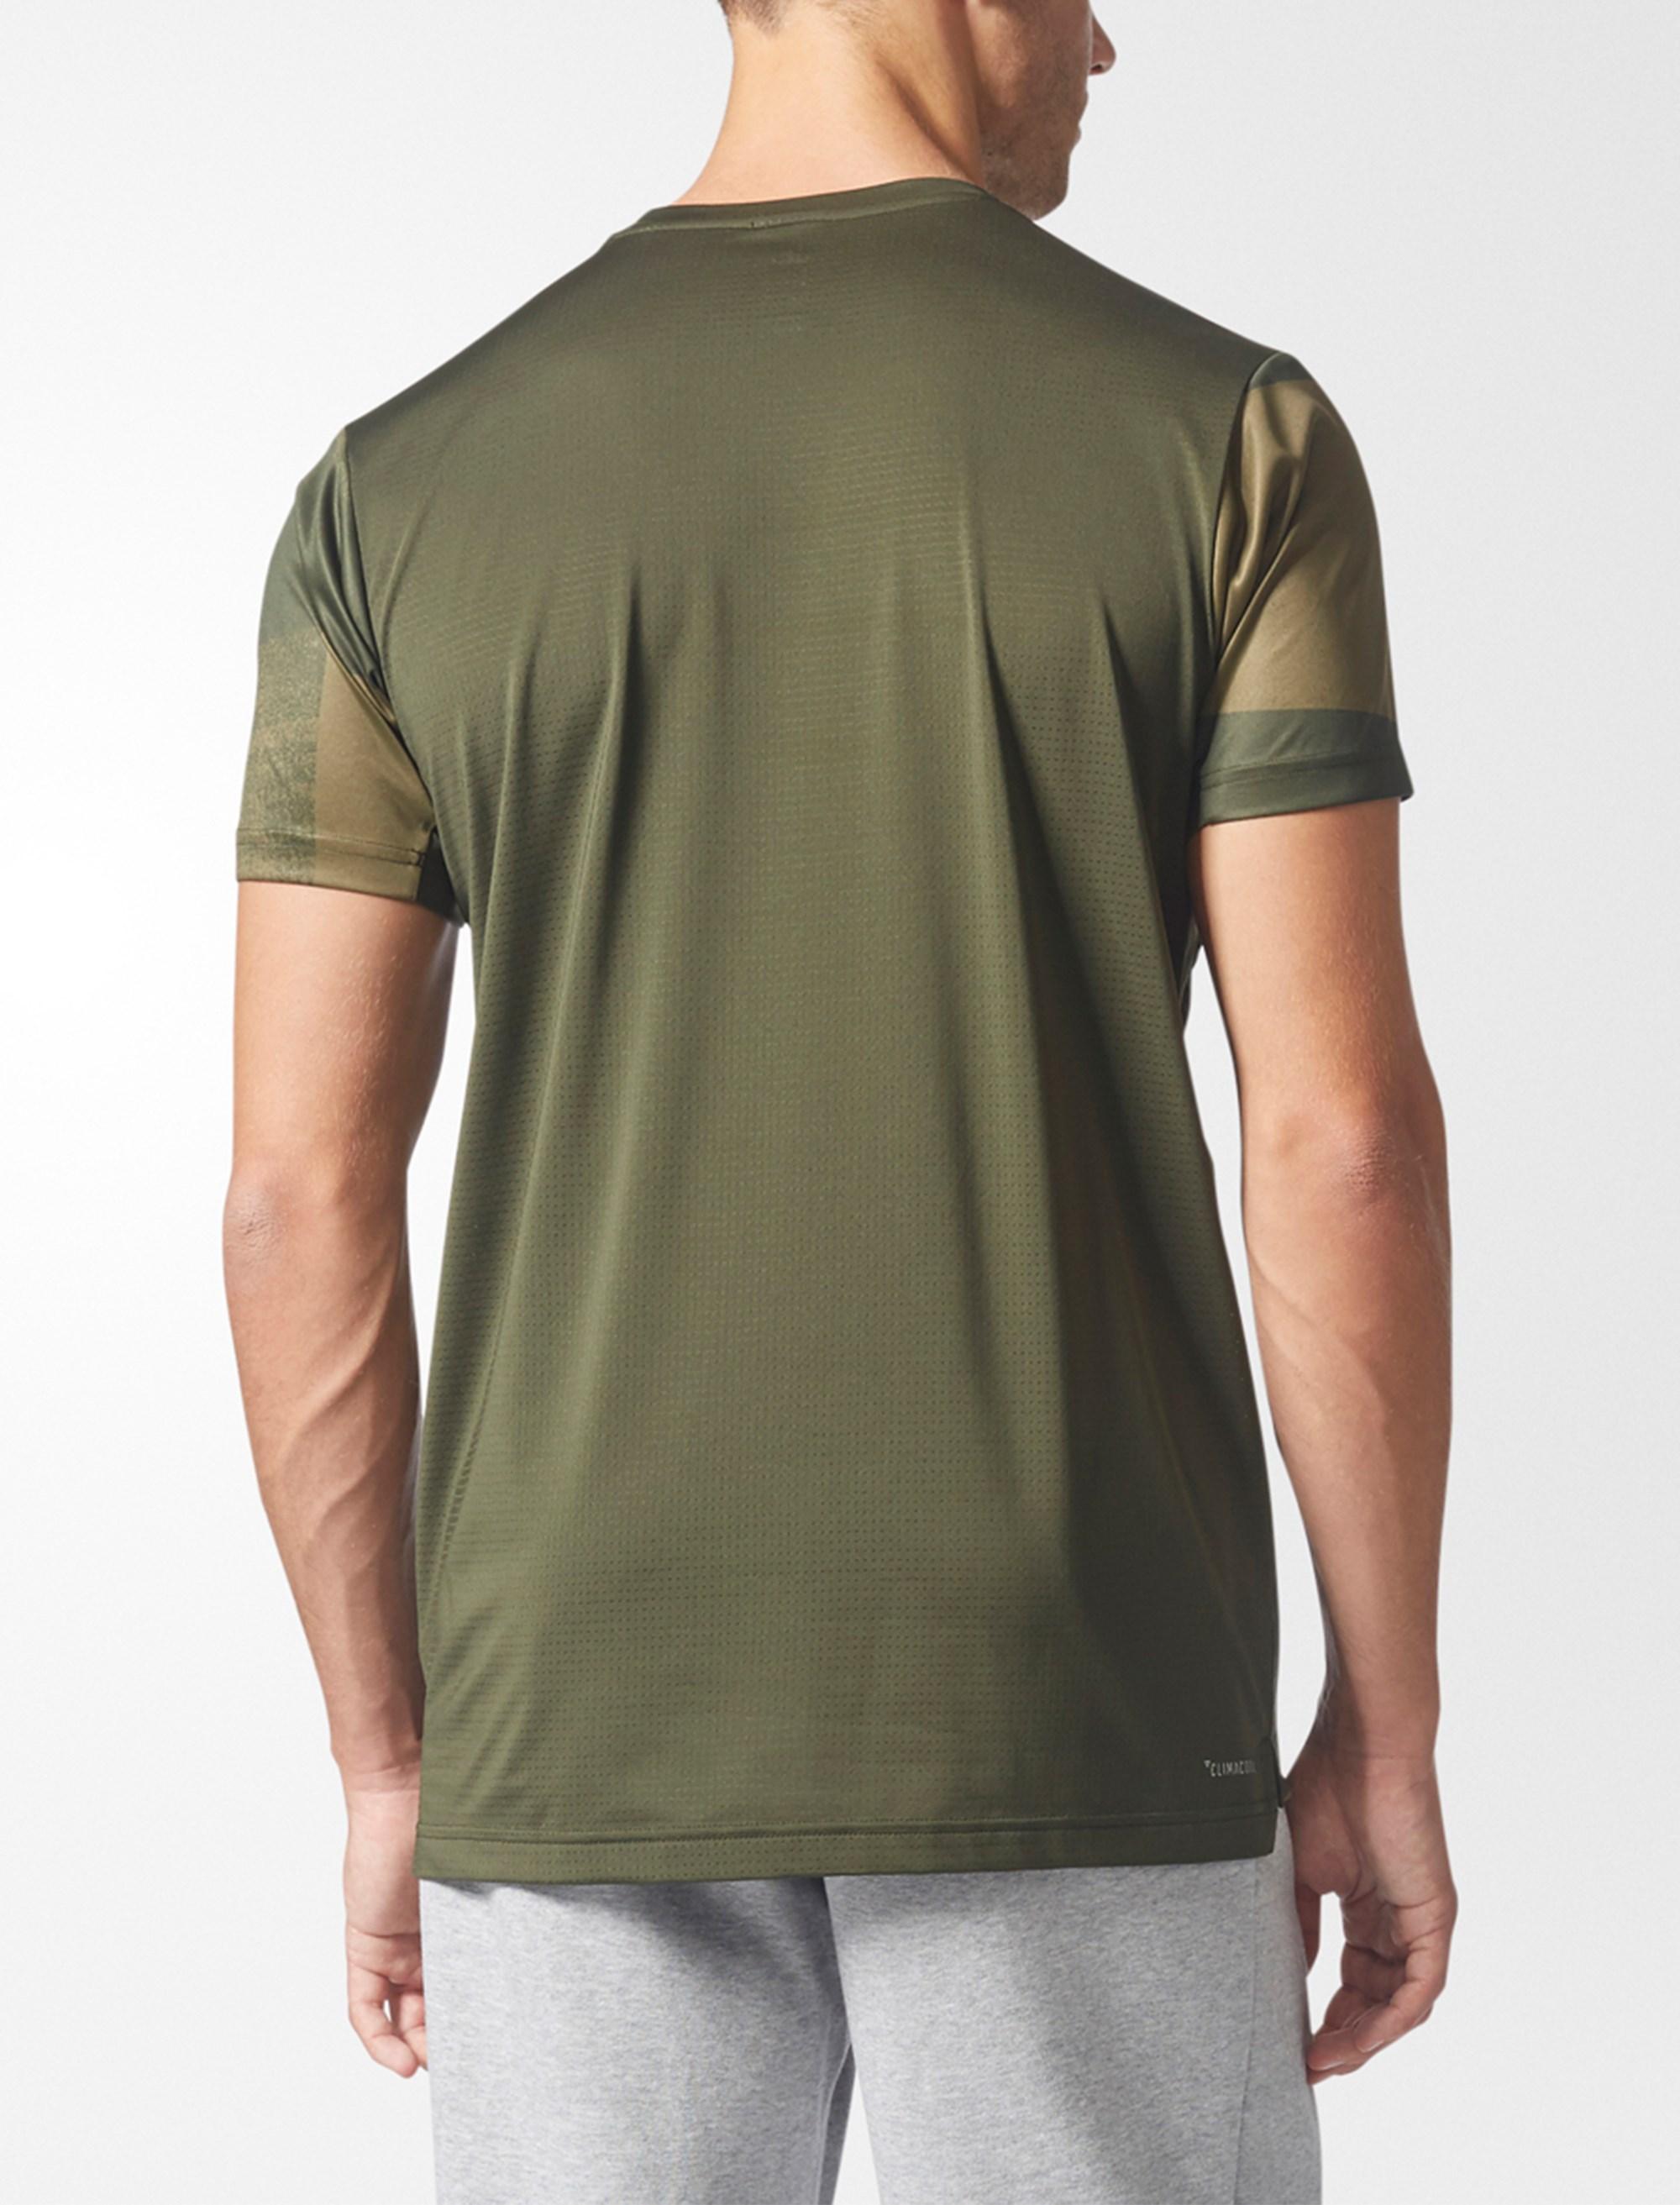 تی شرت ورزشی یقه گرد مردانه Freelift Climacool - آدیداس - زيتوني - 2